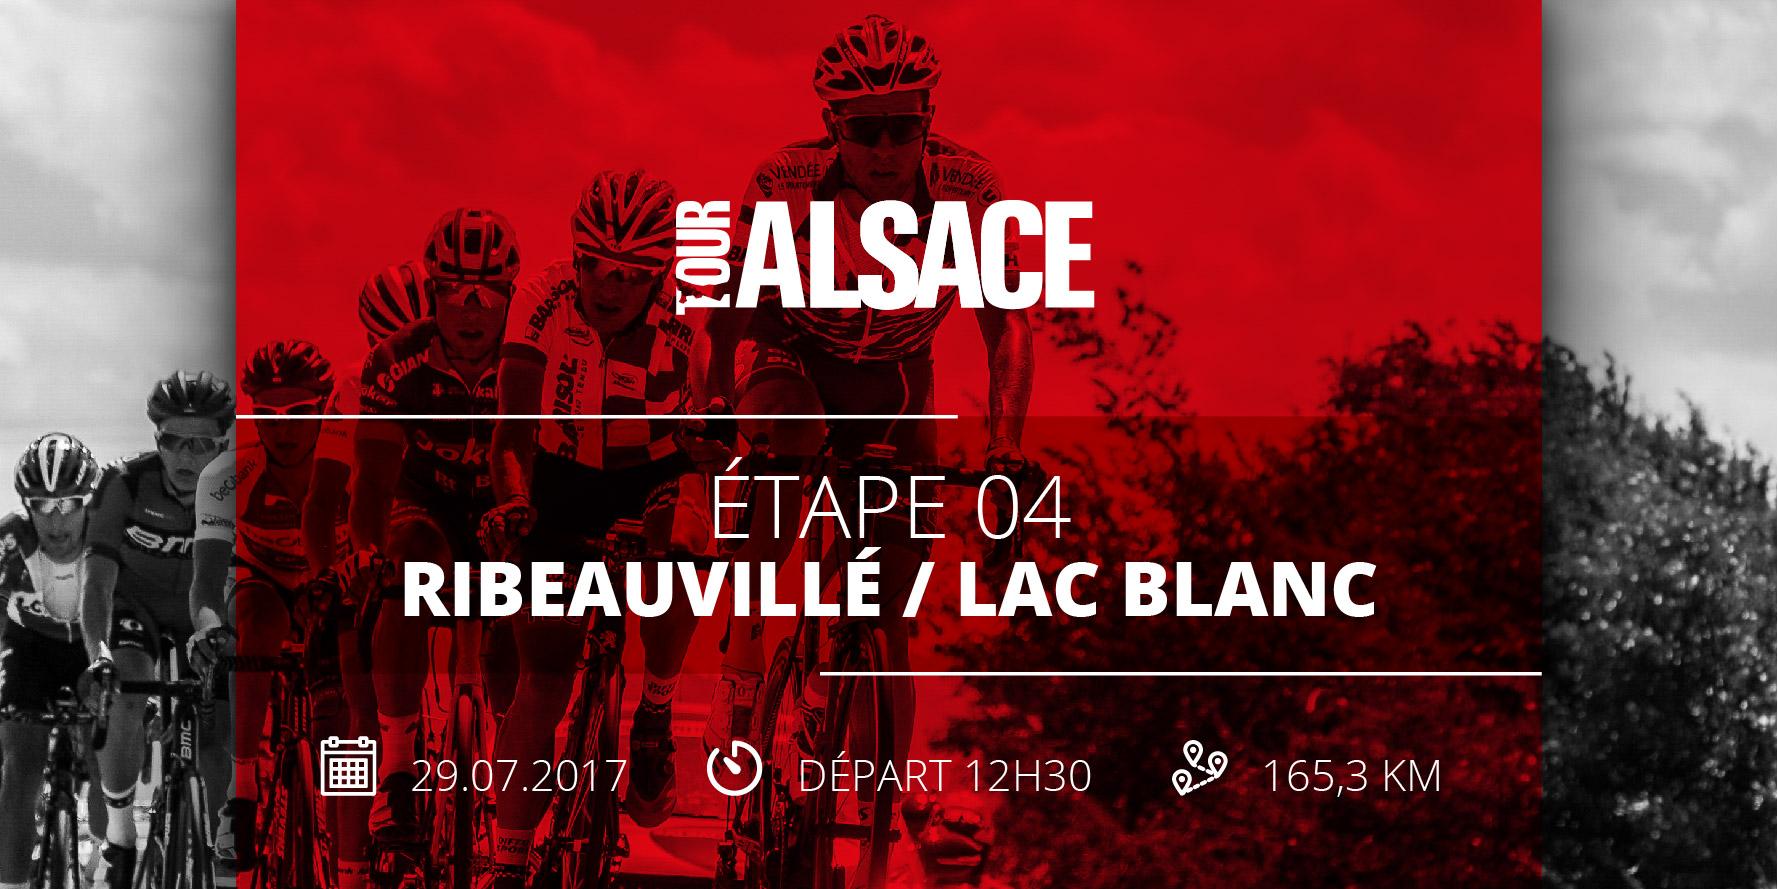 Tour Alsace 2017 étape 4 montagne ribeauville lac blanc